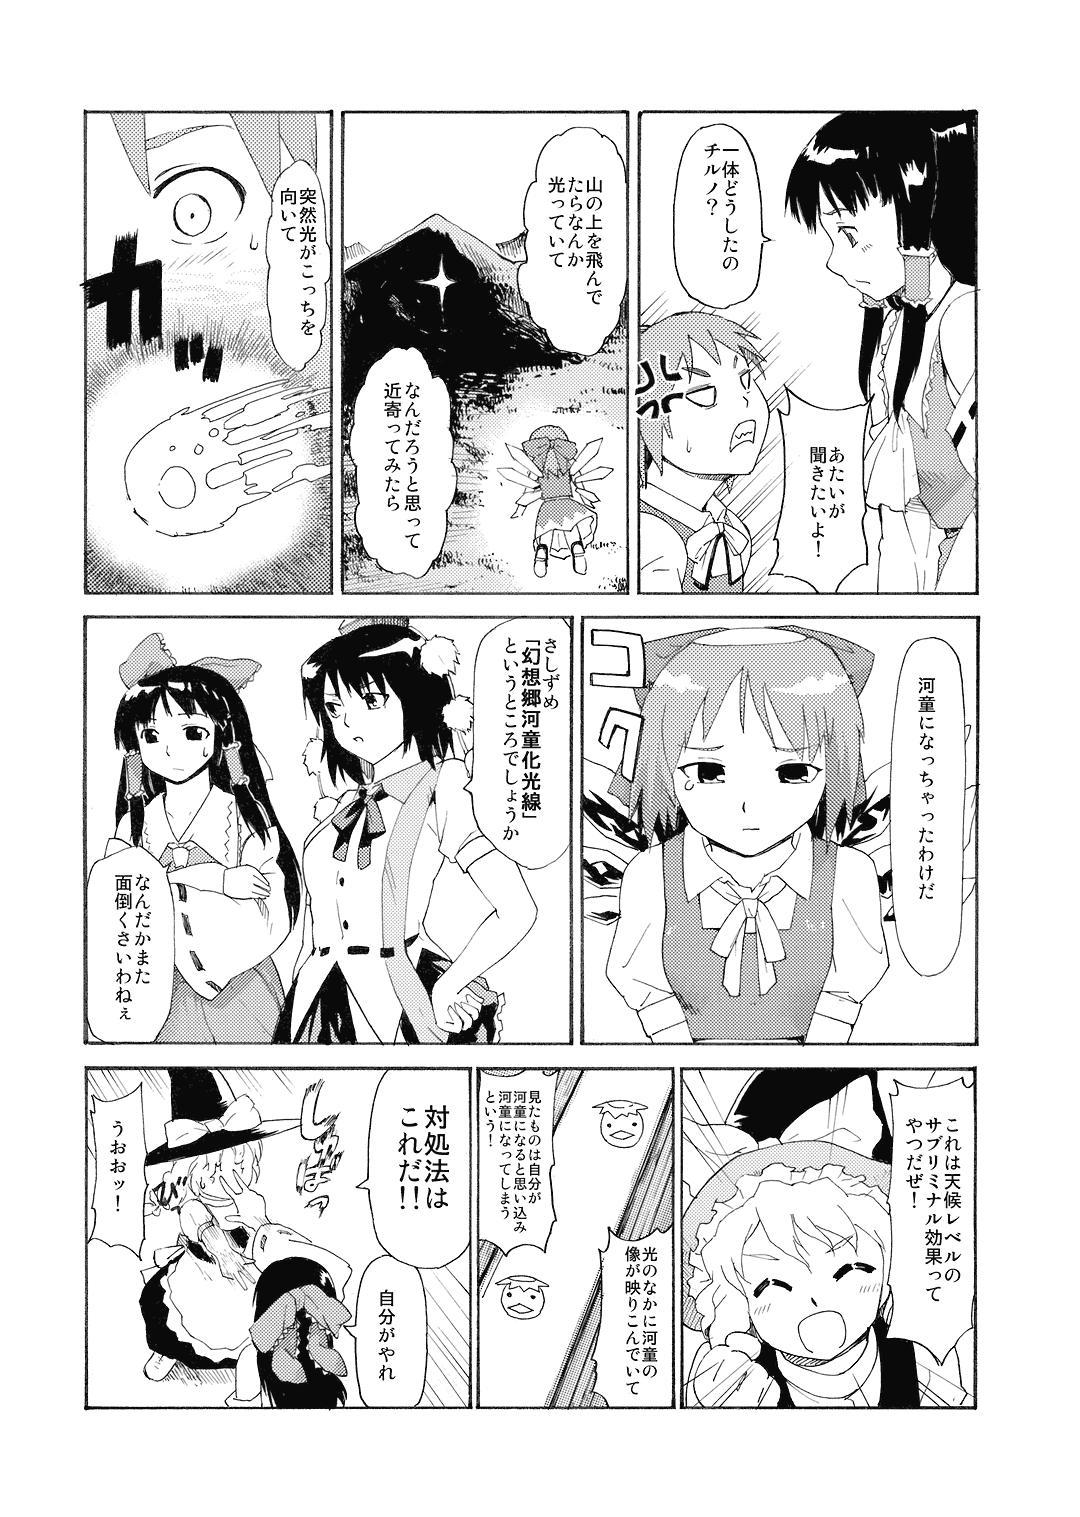 Touhou Ukiyo Emaki Shameimaru Aya 5